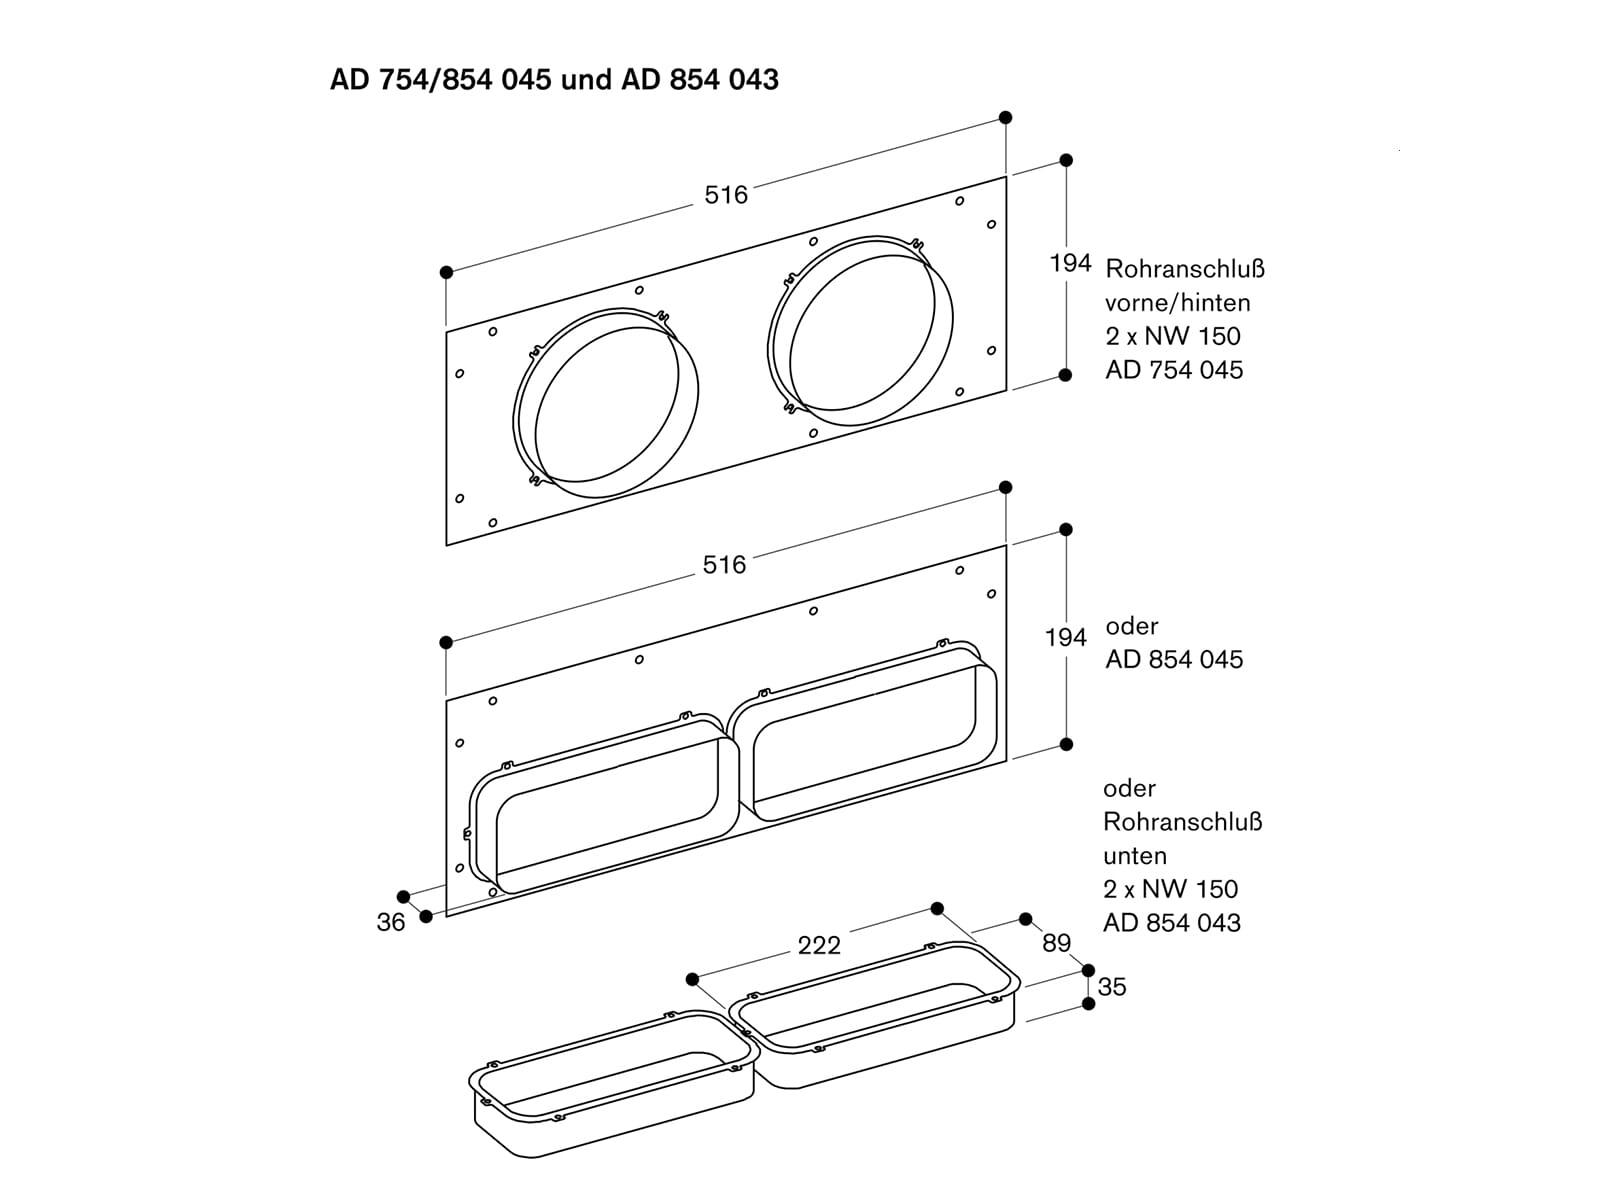 Gaggenau AD754045 Anschlussstutzen für Aluflexrohr